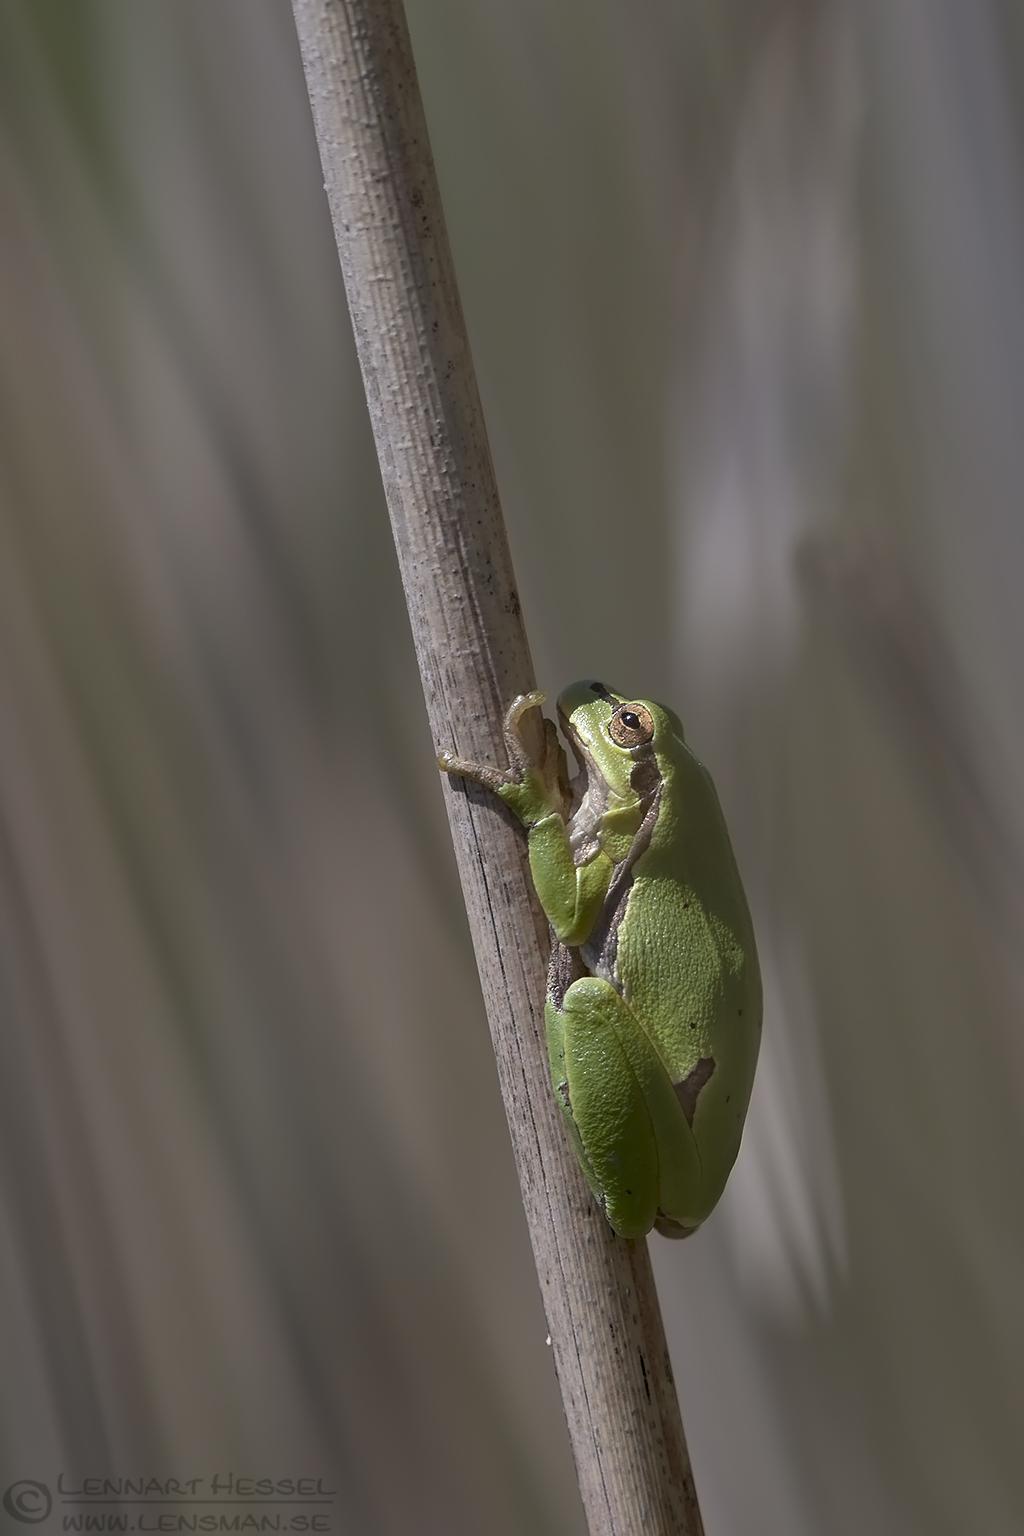 European Tree Frog Bulgaria 2016